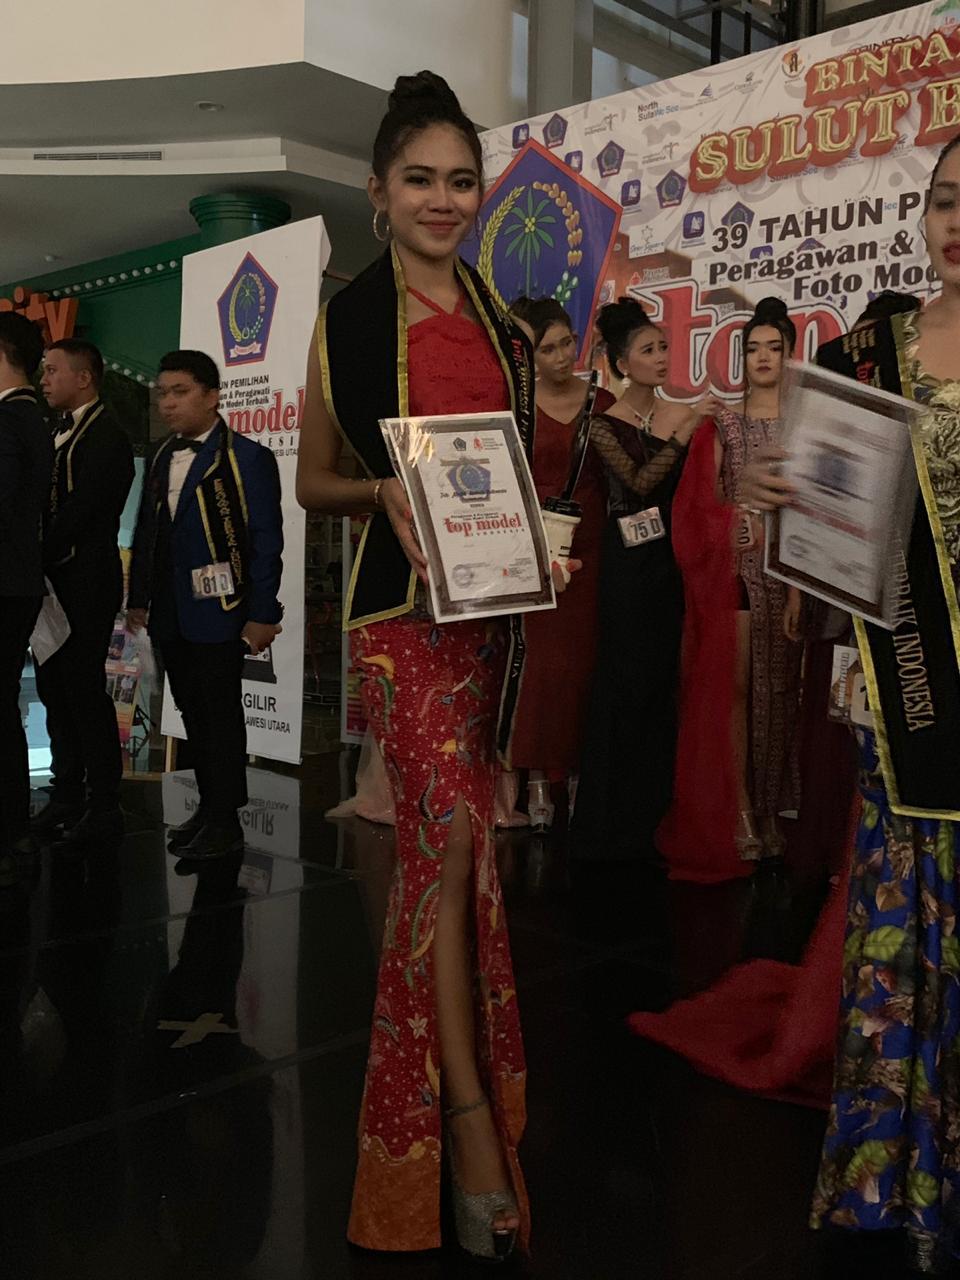 Masuk 4 besar ajang Top Model Indonesia 2019, Carcia Bawotong mengaku kaget